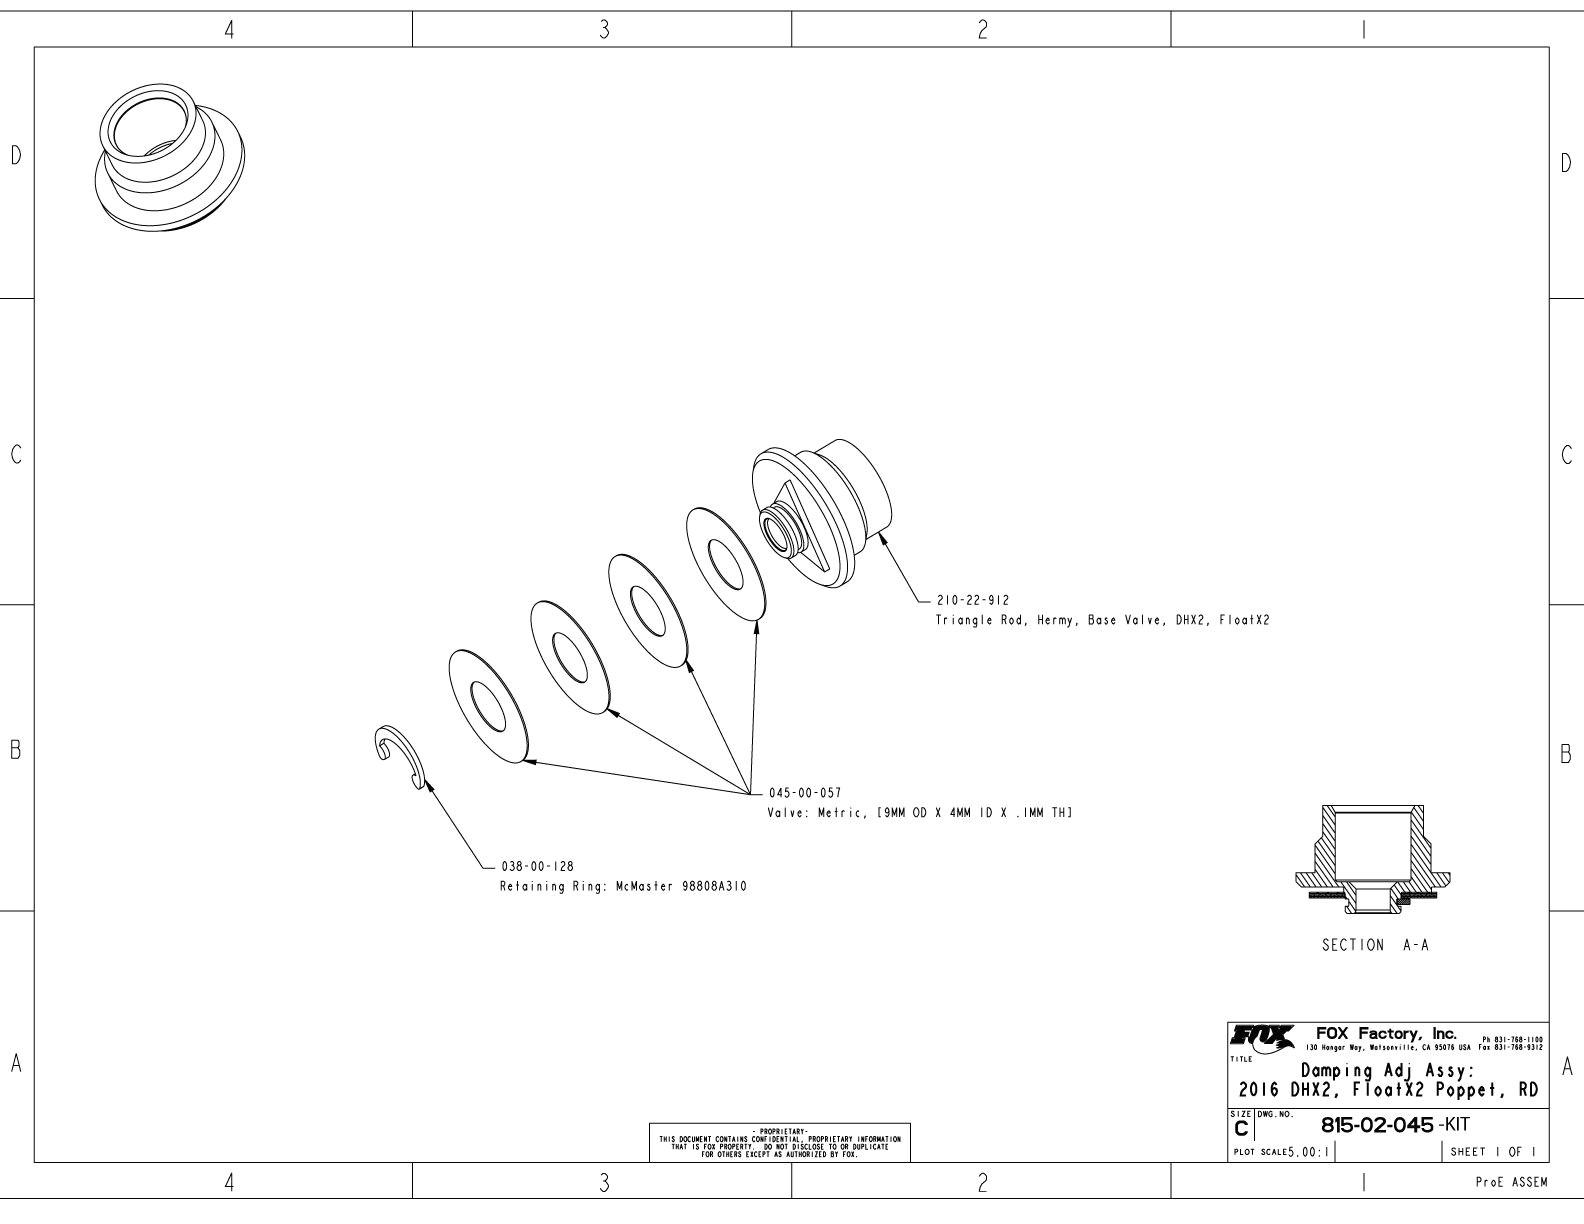 815 02 045 kit damping adj assy 2016 dhx2 floatx2 poppet rd